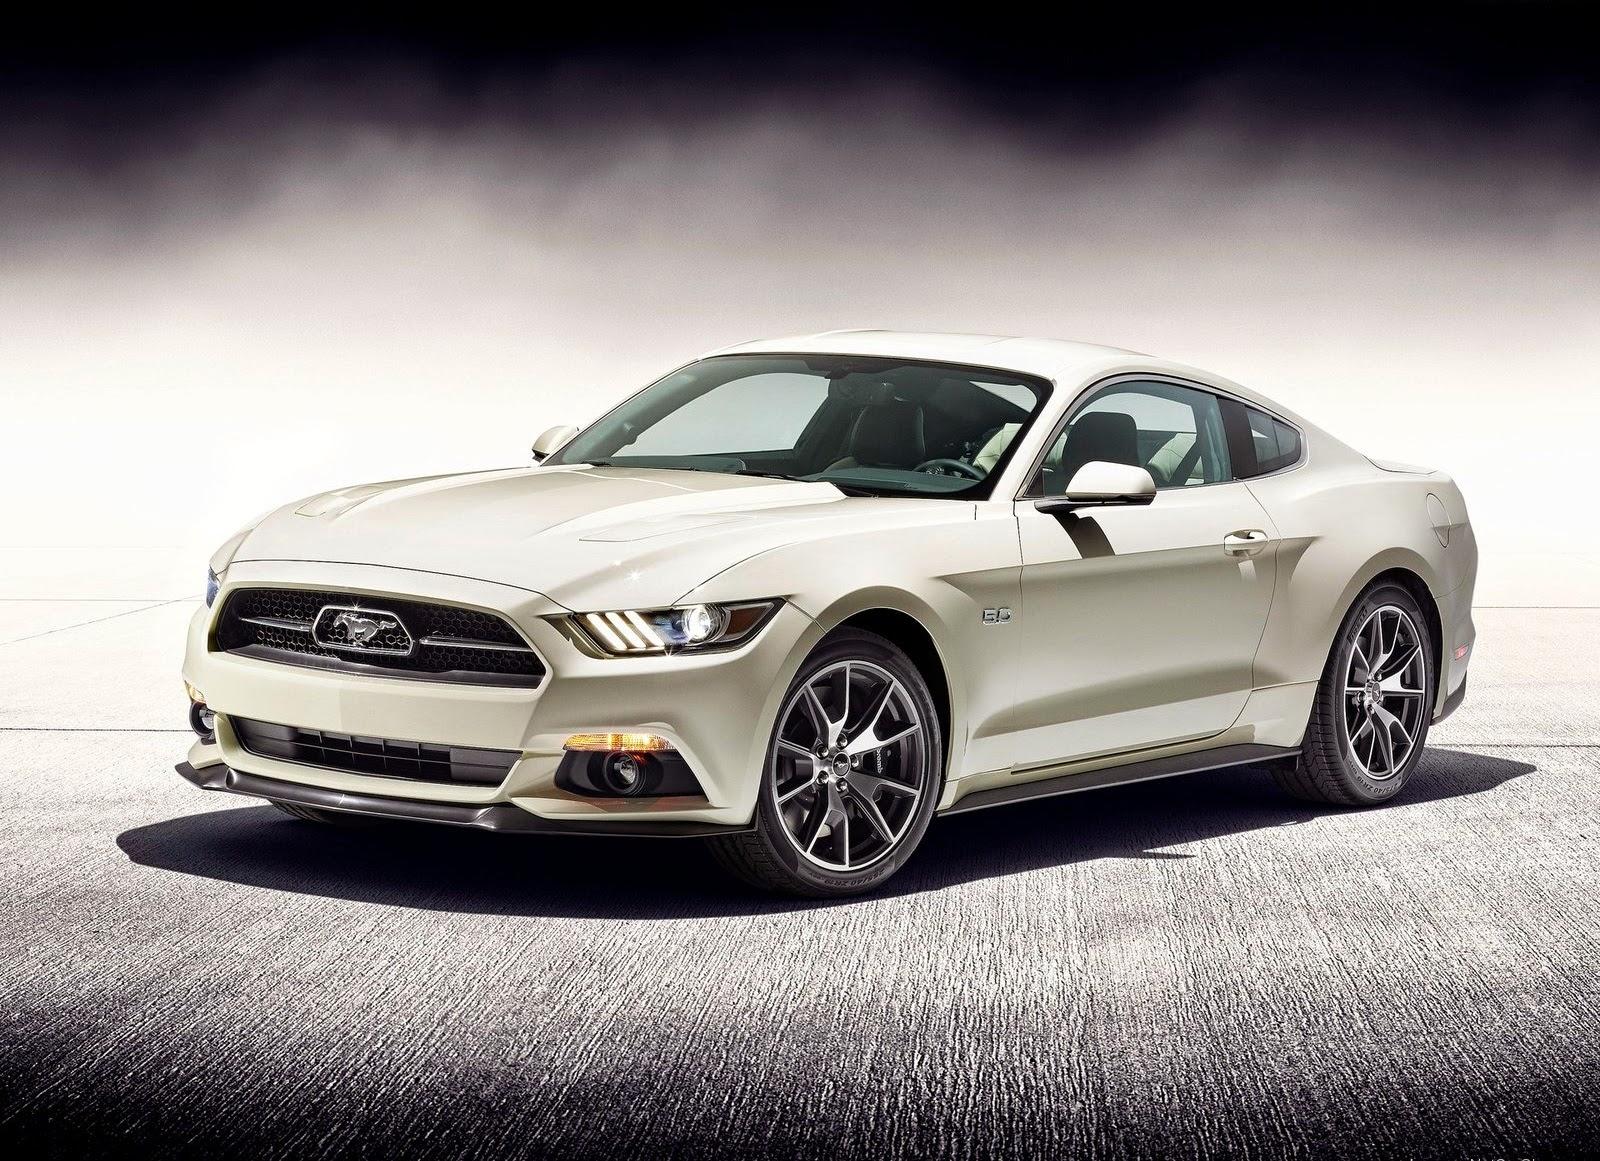 Cool Mustang Car Wallpaper Hd For Mobile wallpaper